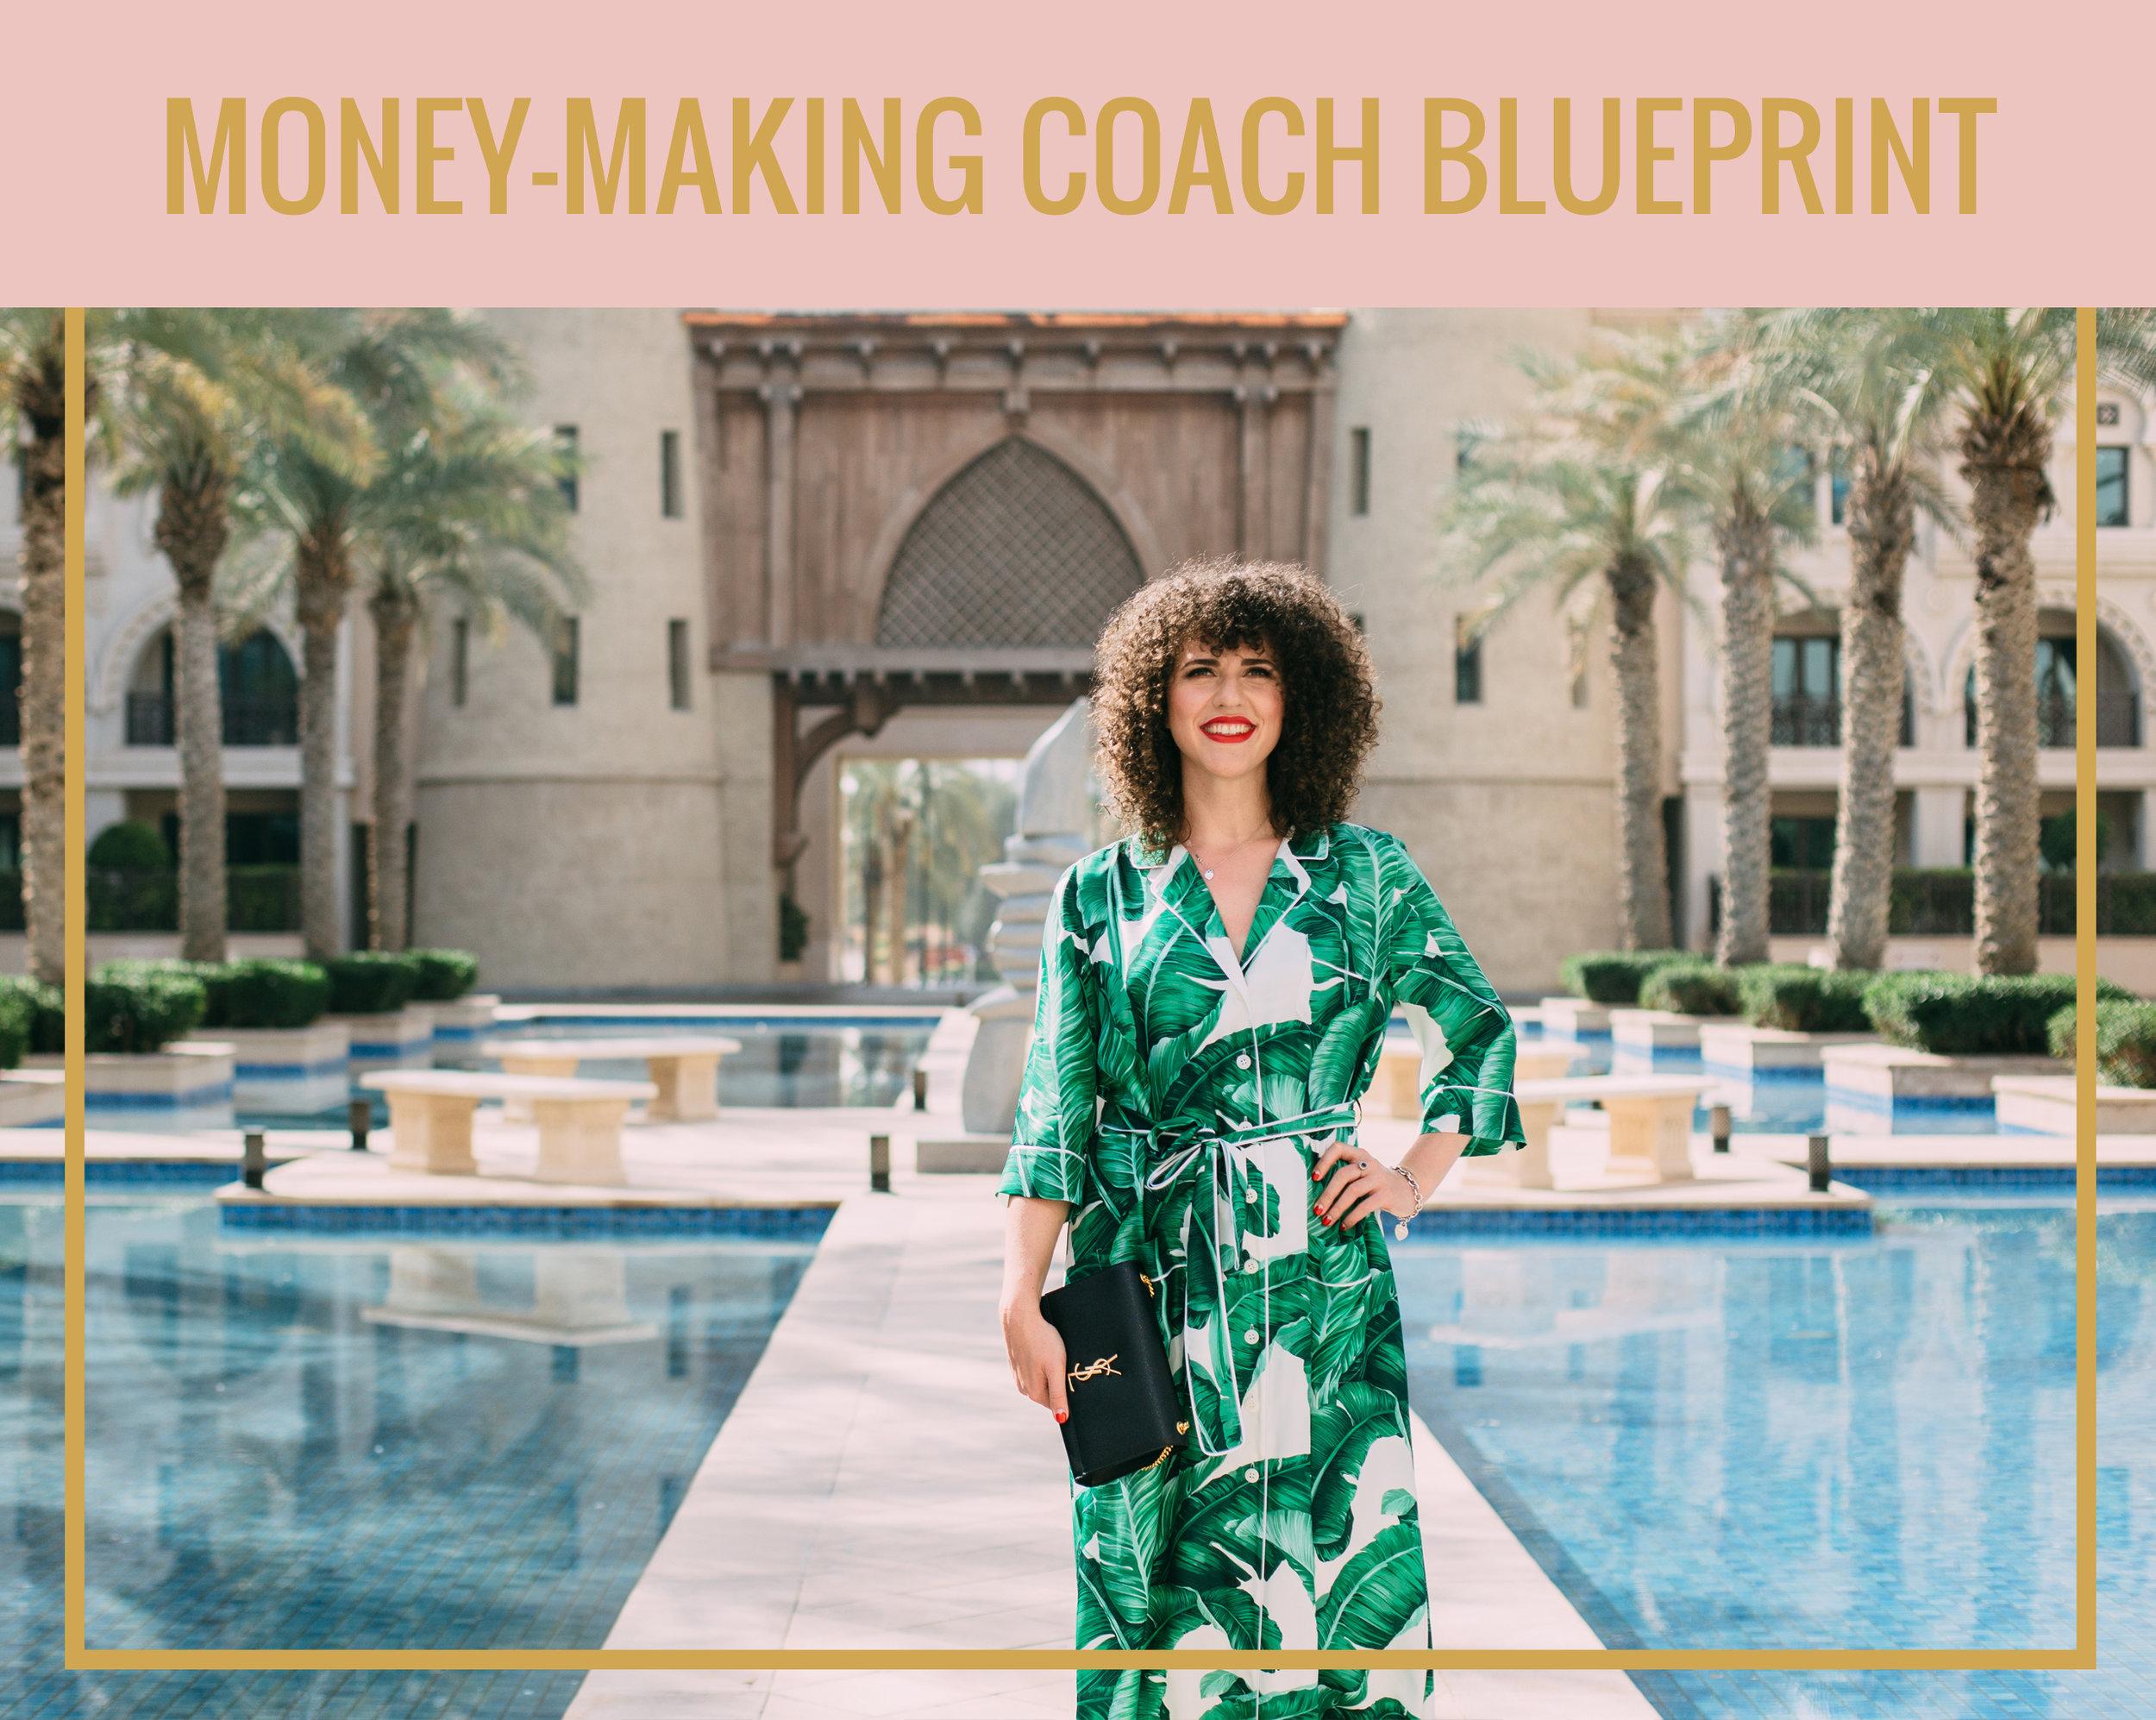 MONEY-MAKING-COACH-BLUEPRINT (1).jpg